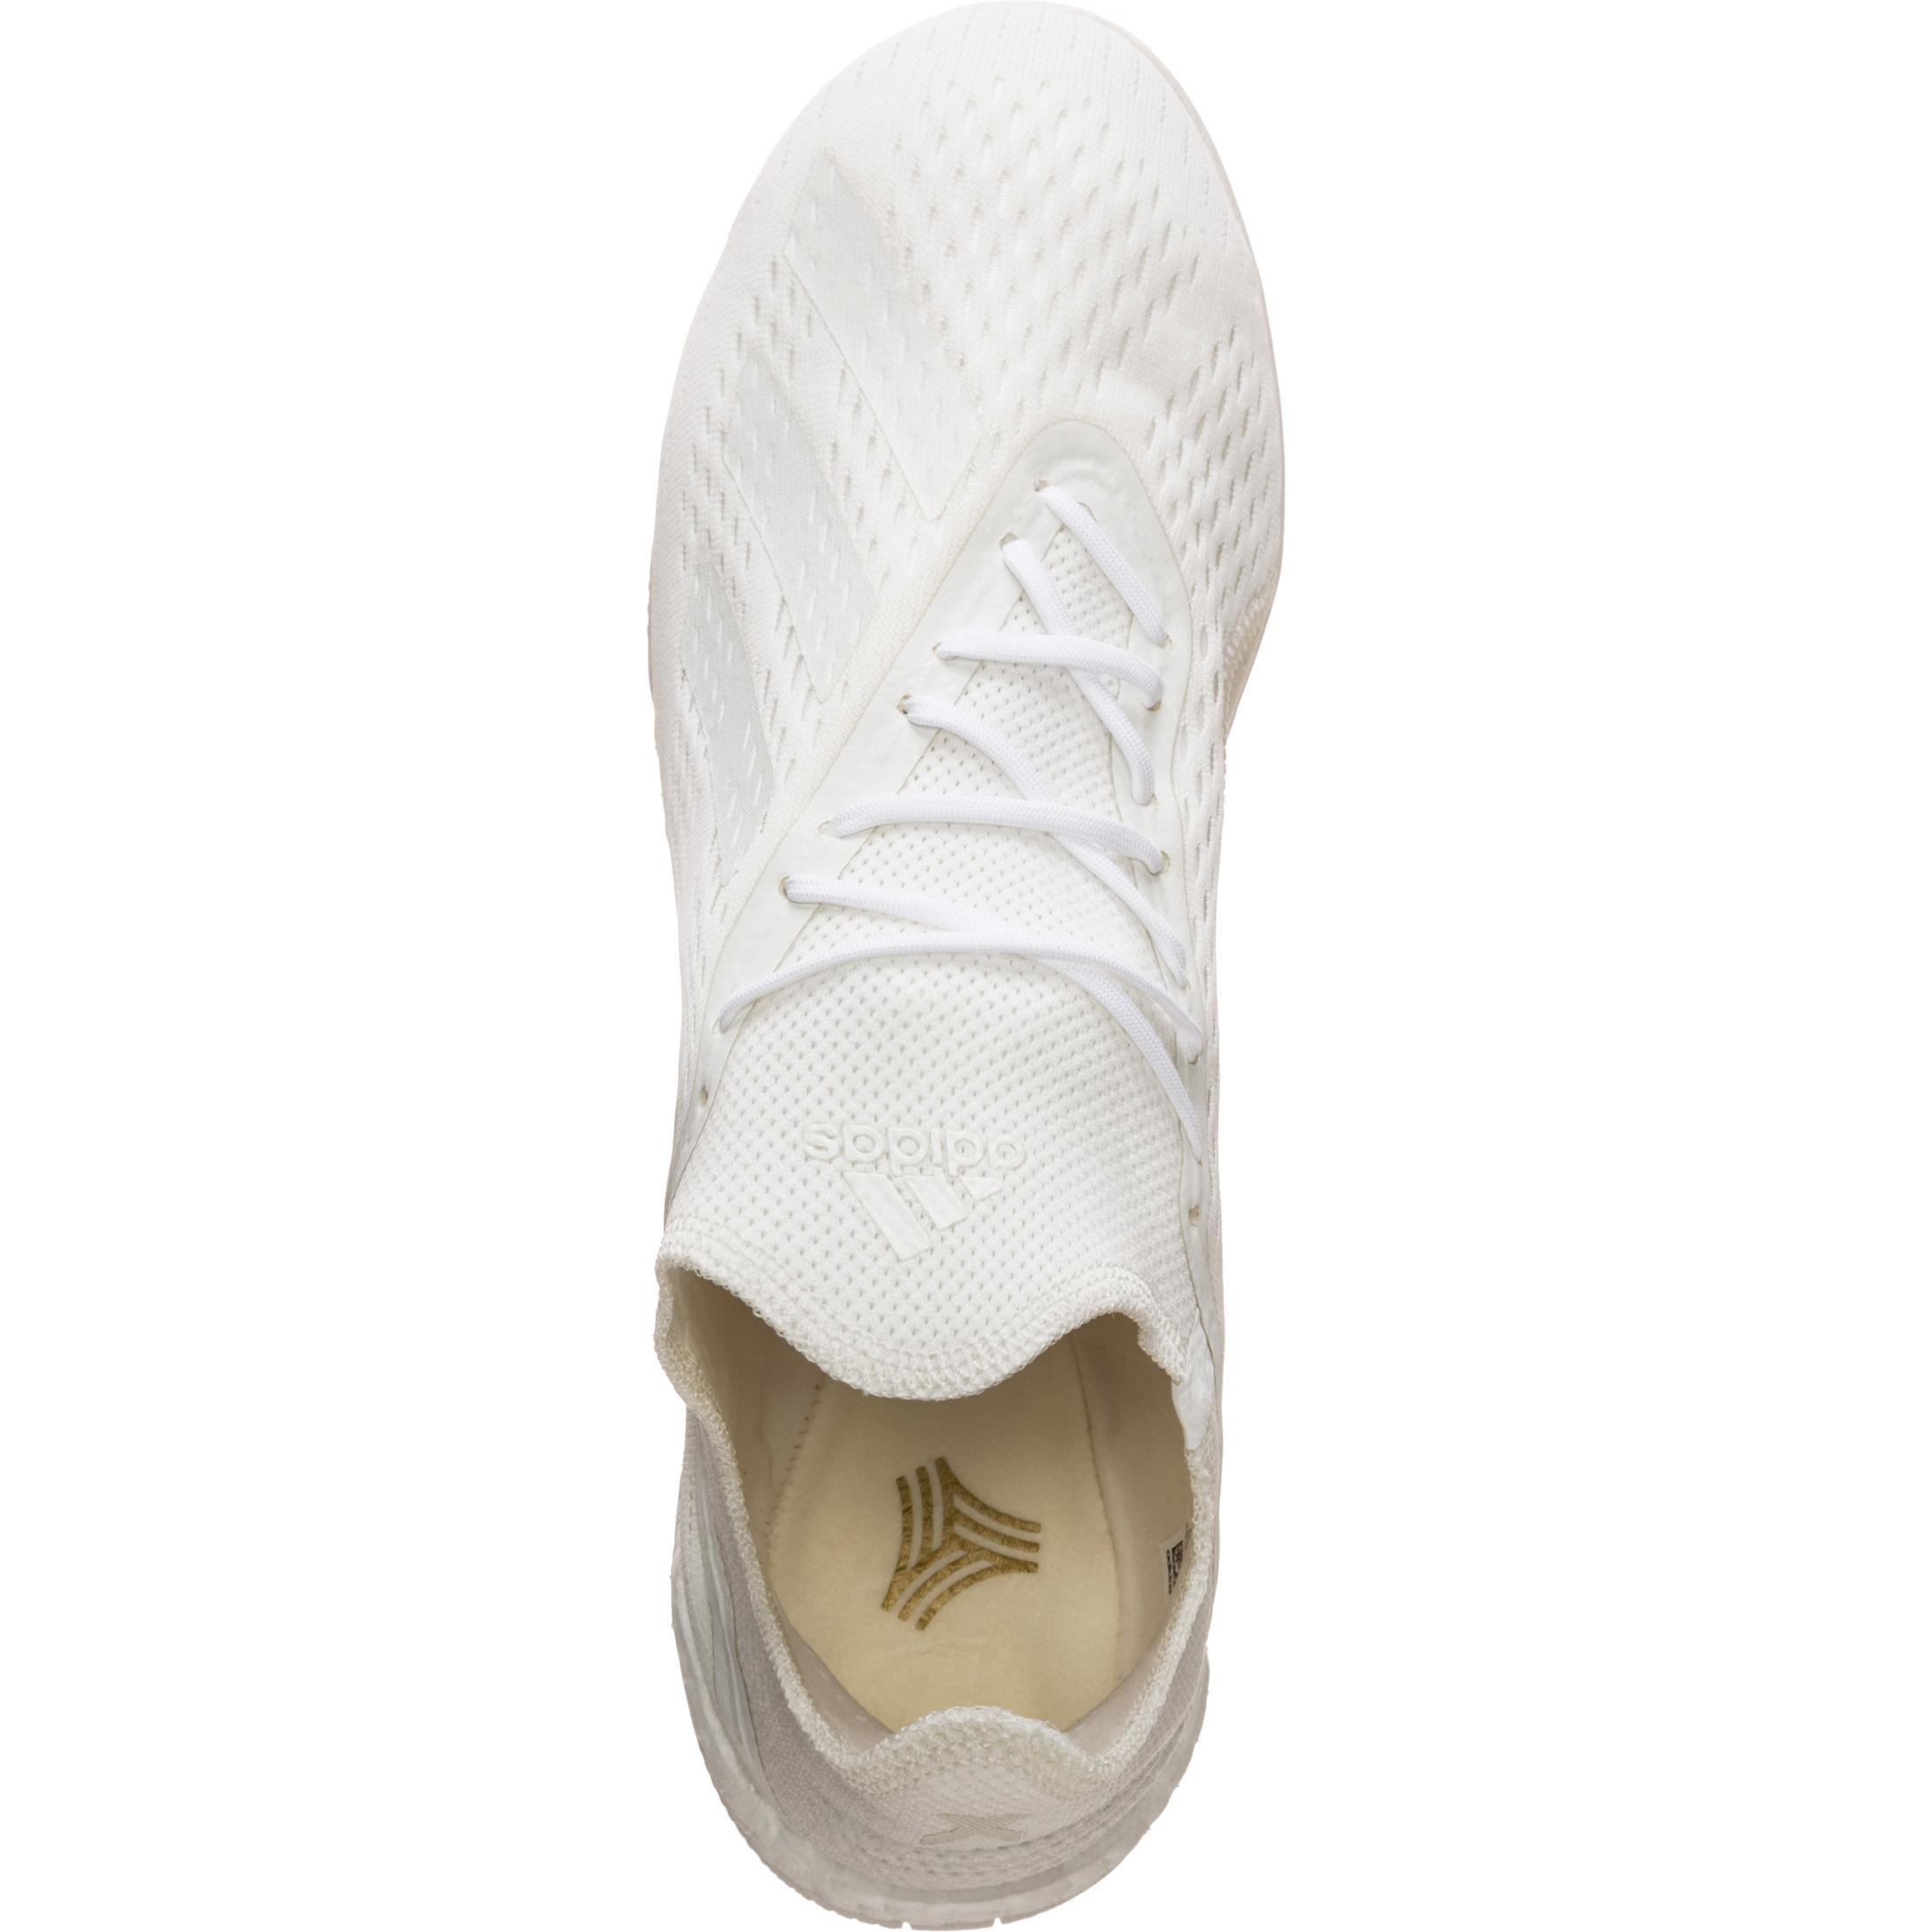 Adidas X Tango 18.1 Trainers Street Fußballschuhe Herren beige beige beige / weiß im Online Shop von SportScheck kaufen Gute Qualität beliebte Schuhe 863cb2